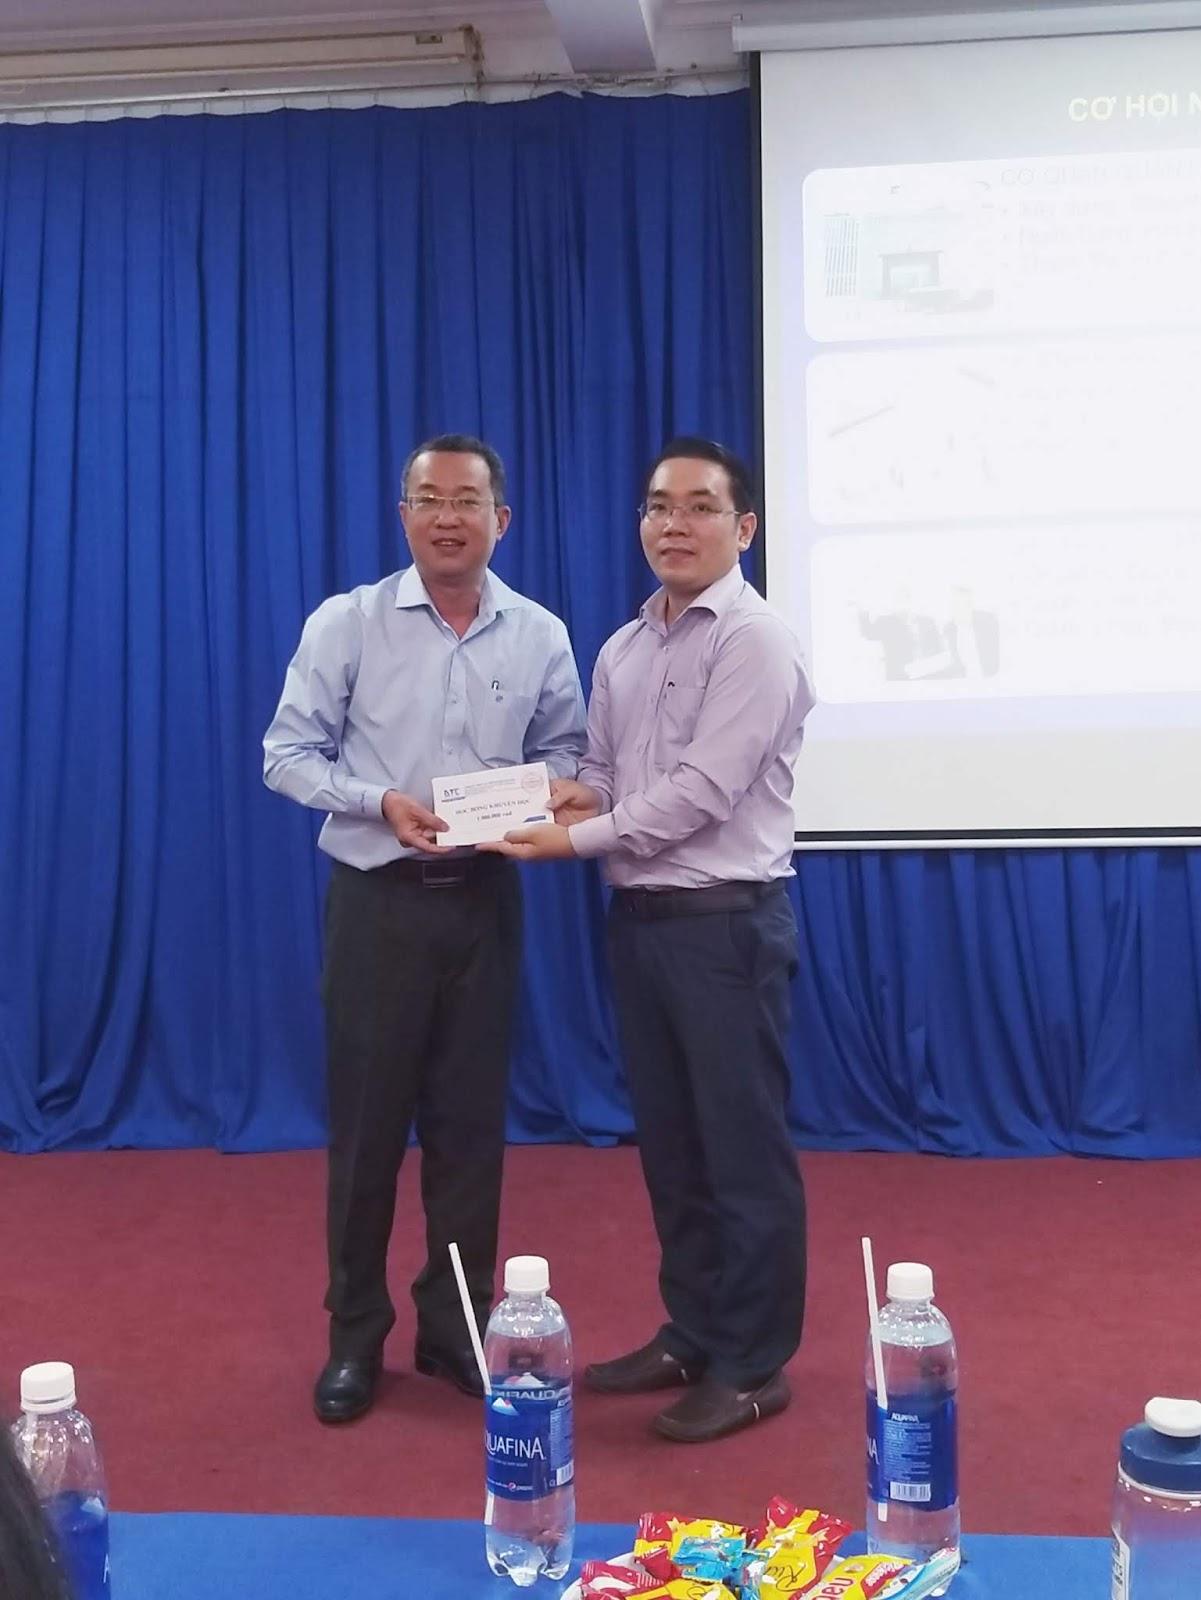 CLB Dự Toán tham gia ngày hội Tân Sinh Viên ngành KTXD tại ĐH.GTVT TPHCM năm 2019